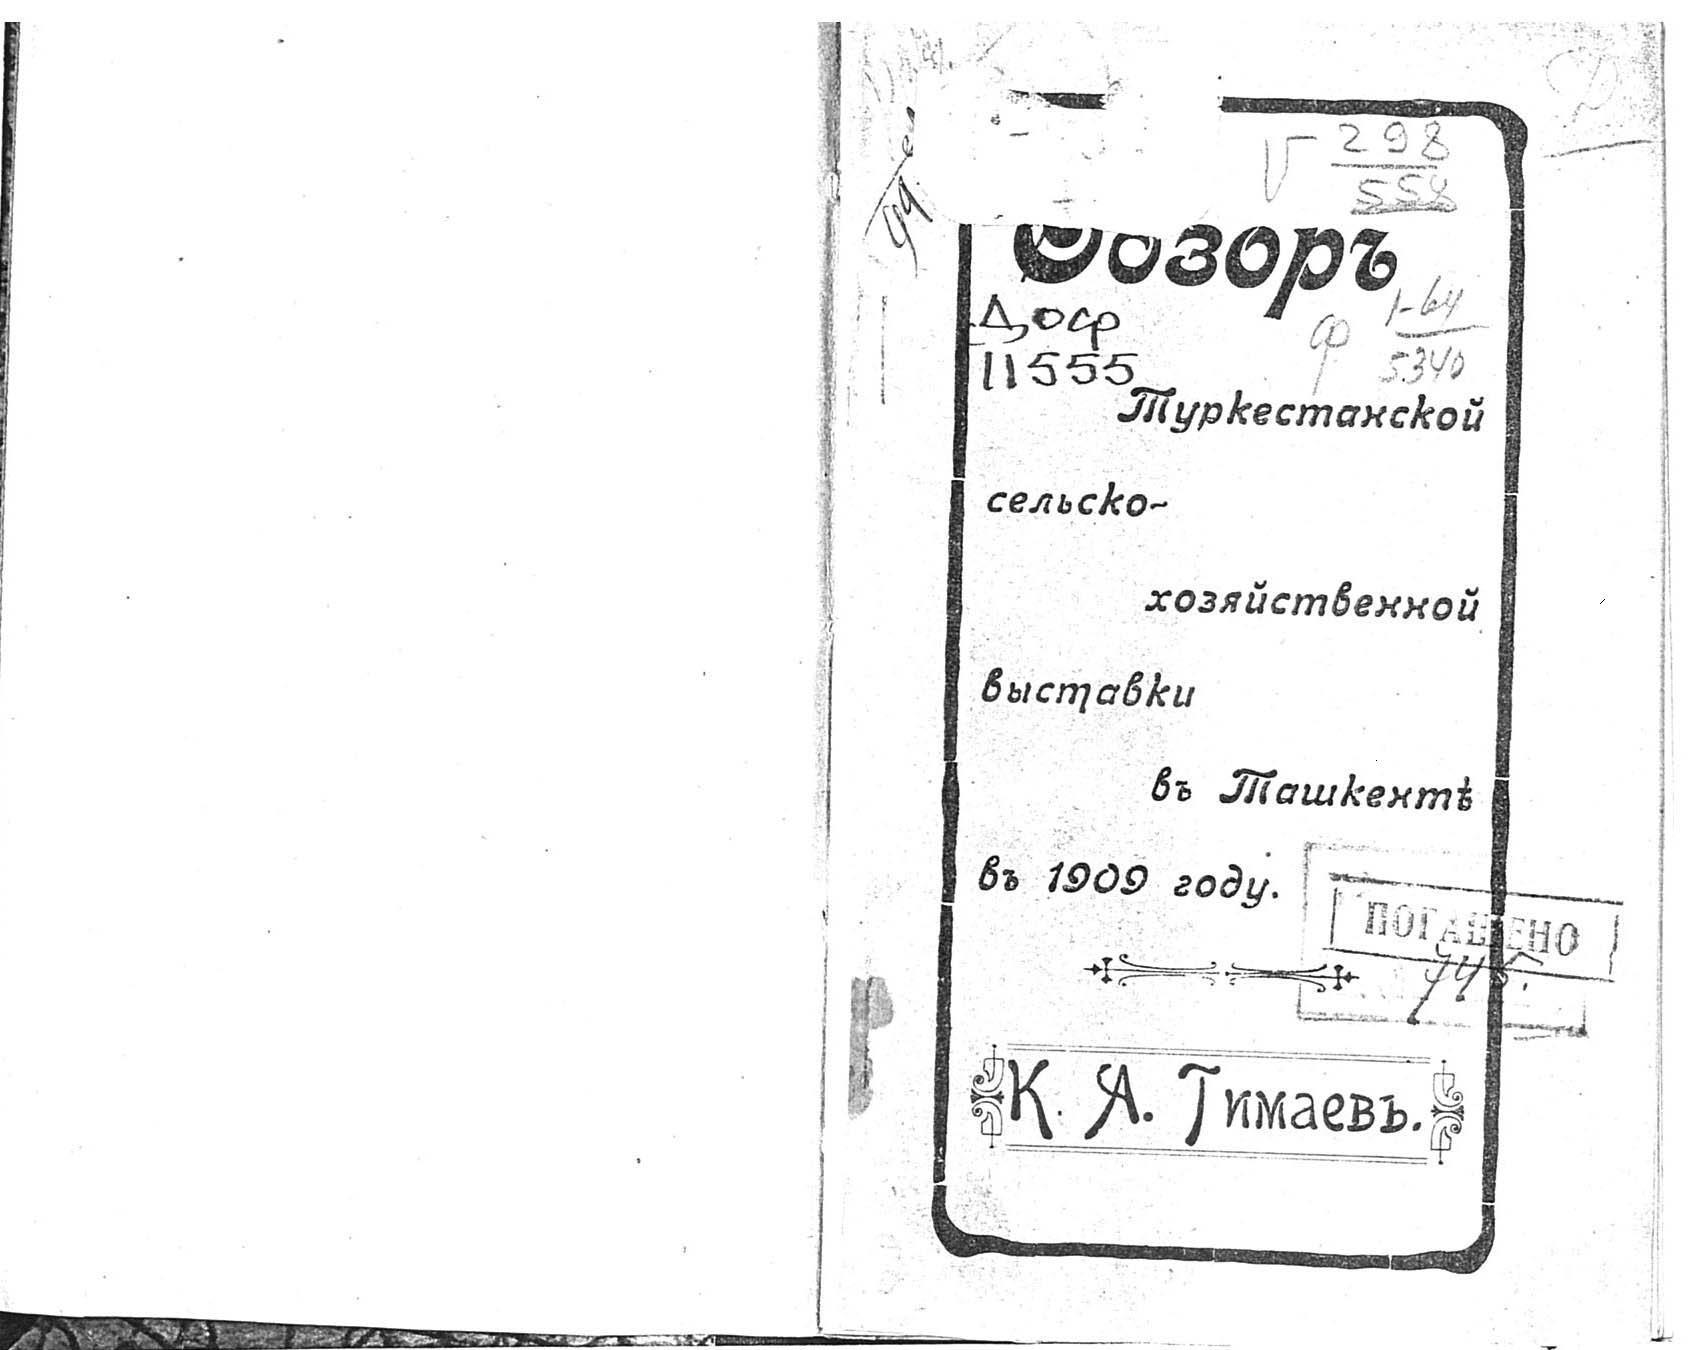 Obzor Vystavki 1909 - 00 Titul